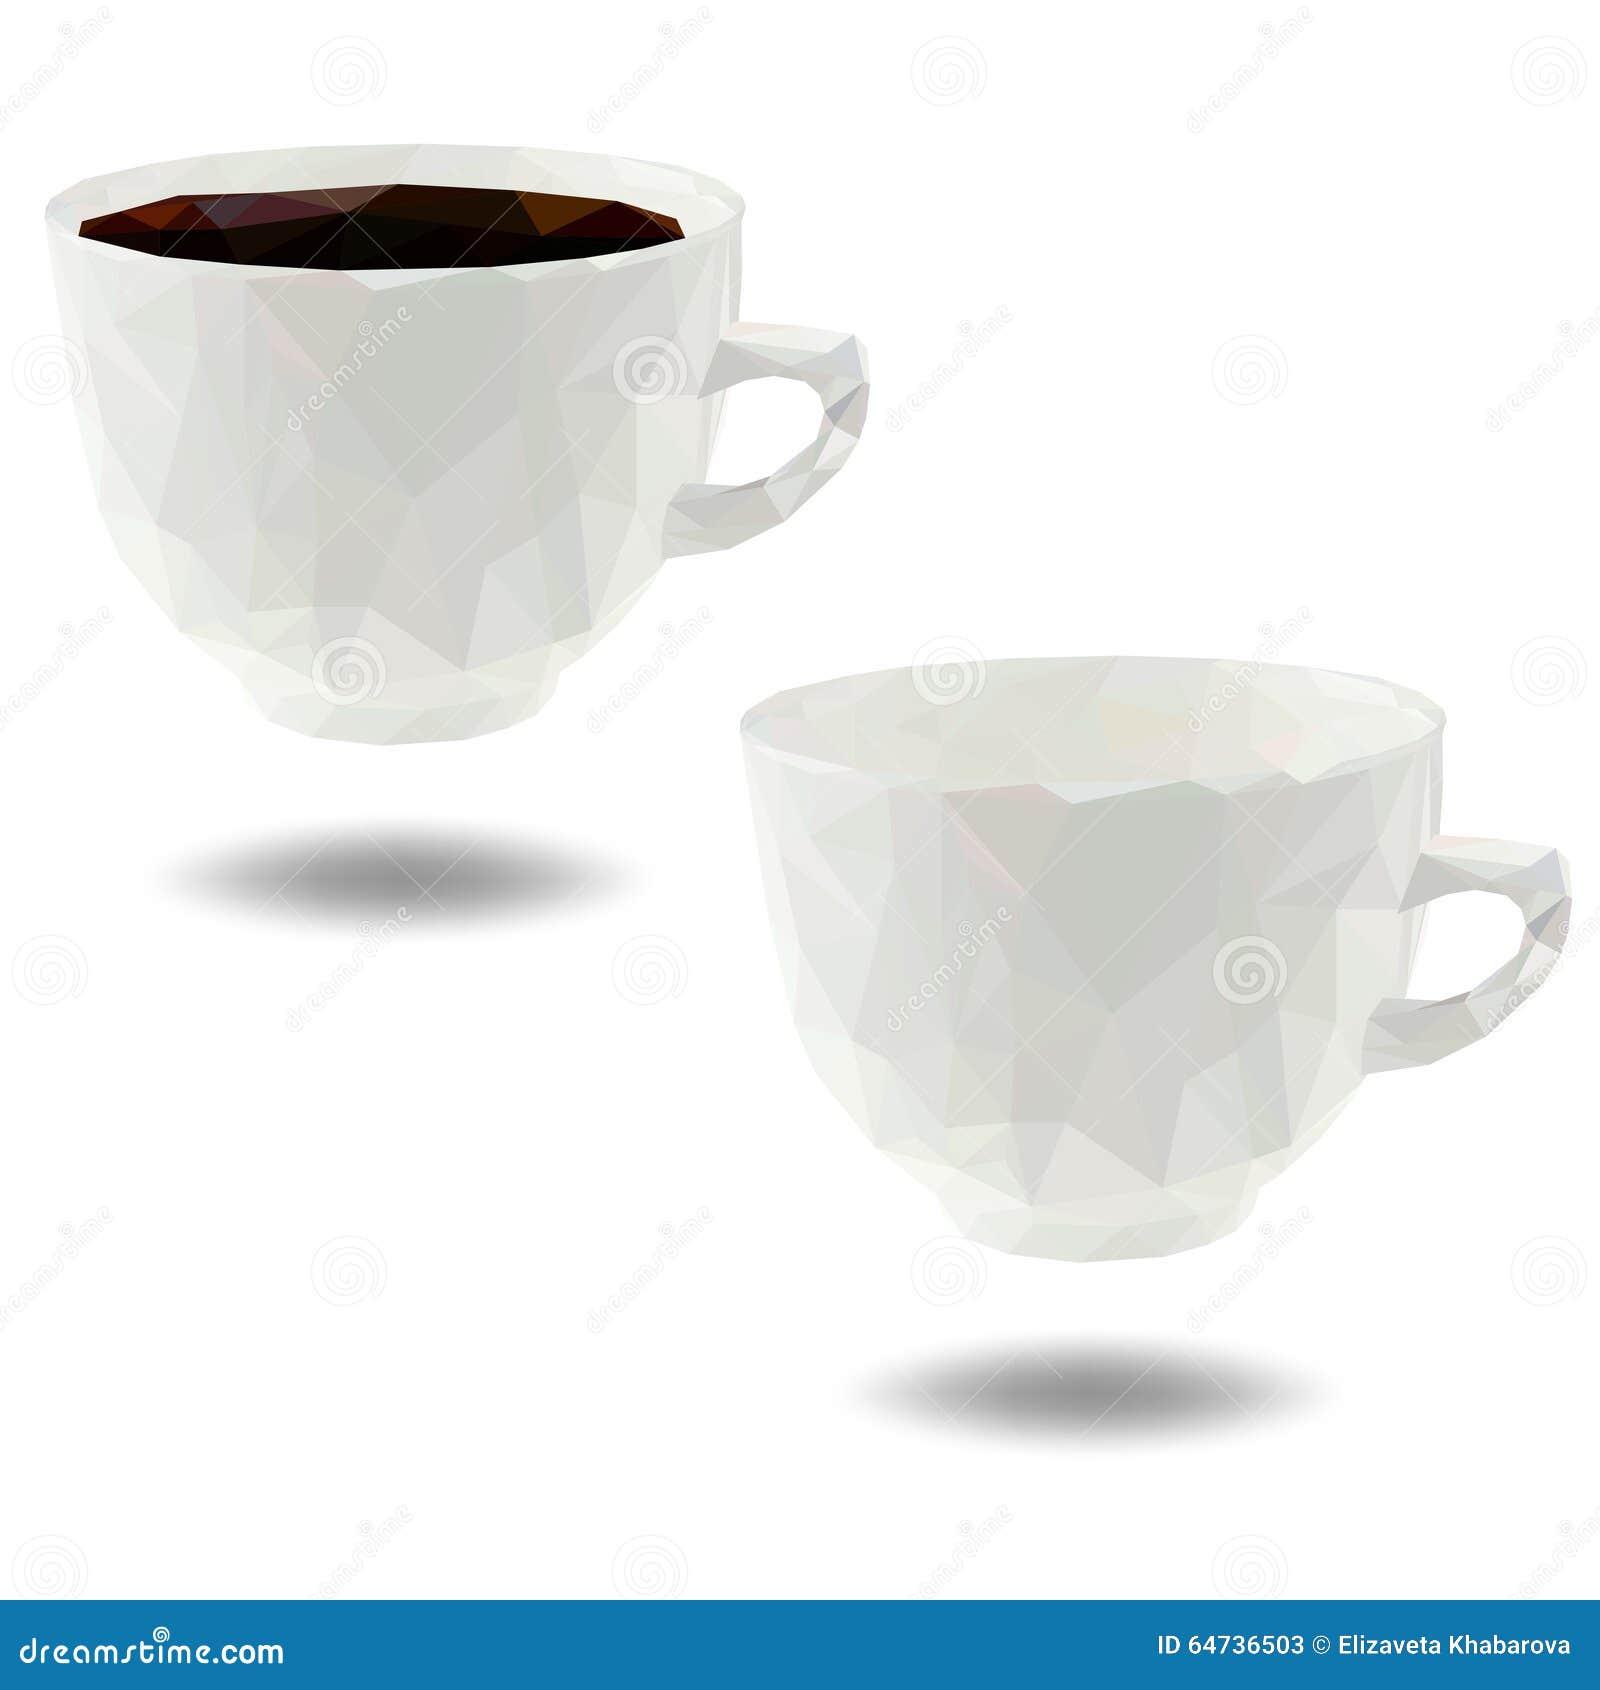 Tazza di caffè poligonale - illustrazione di vettore